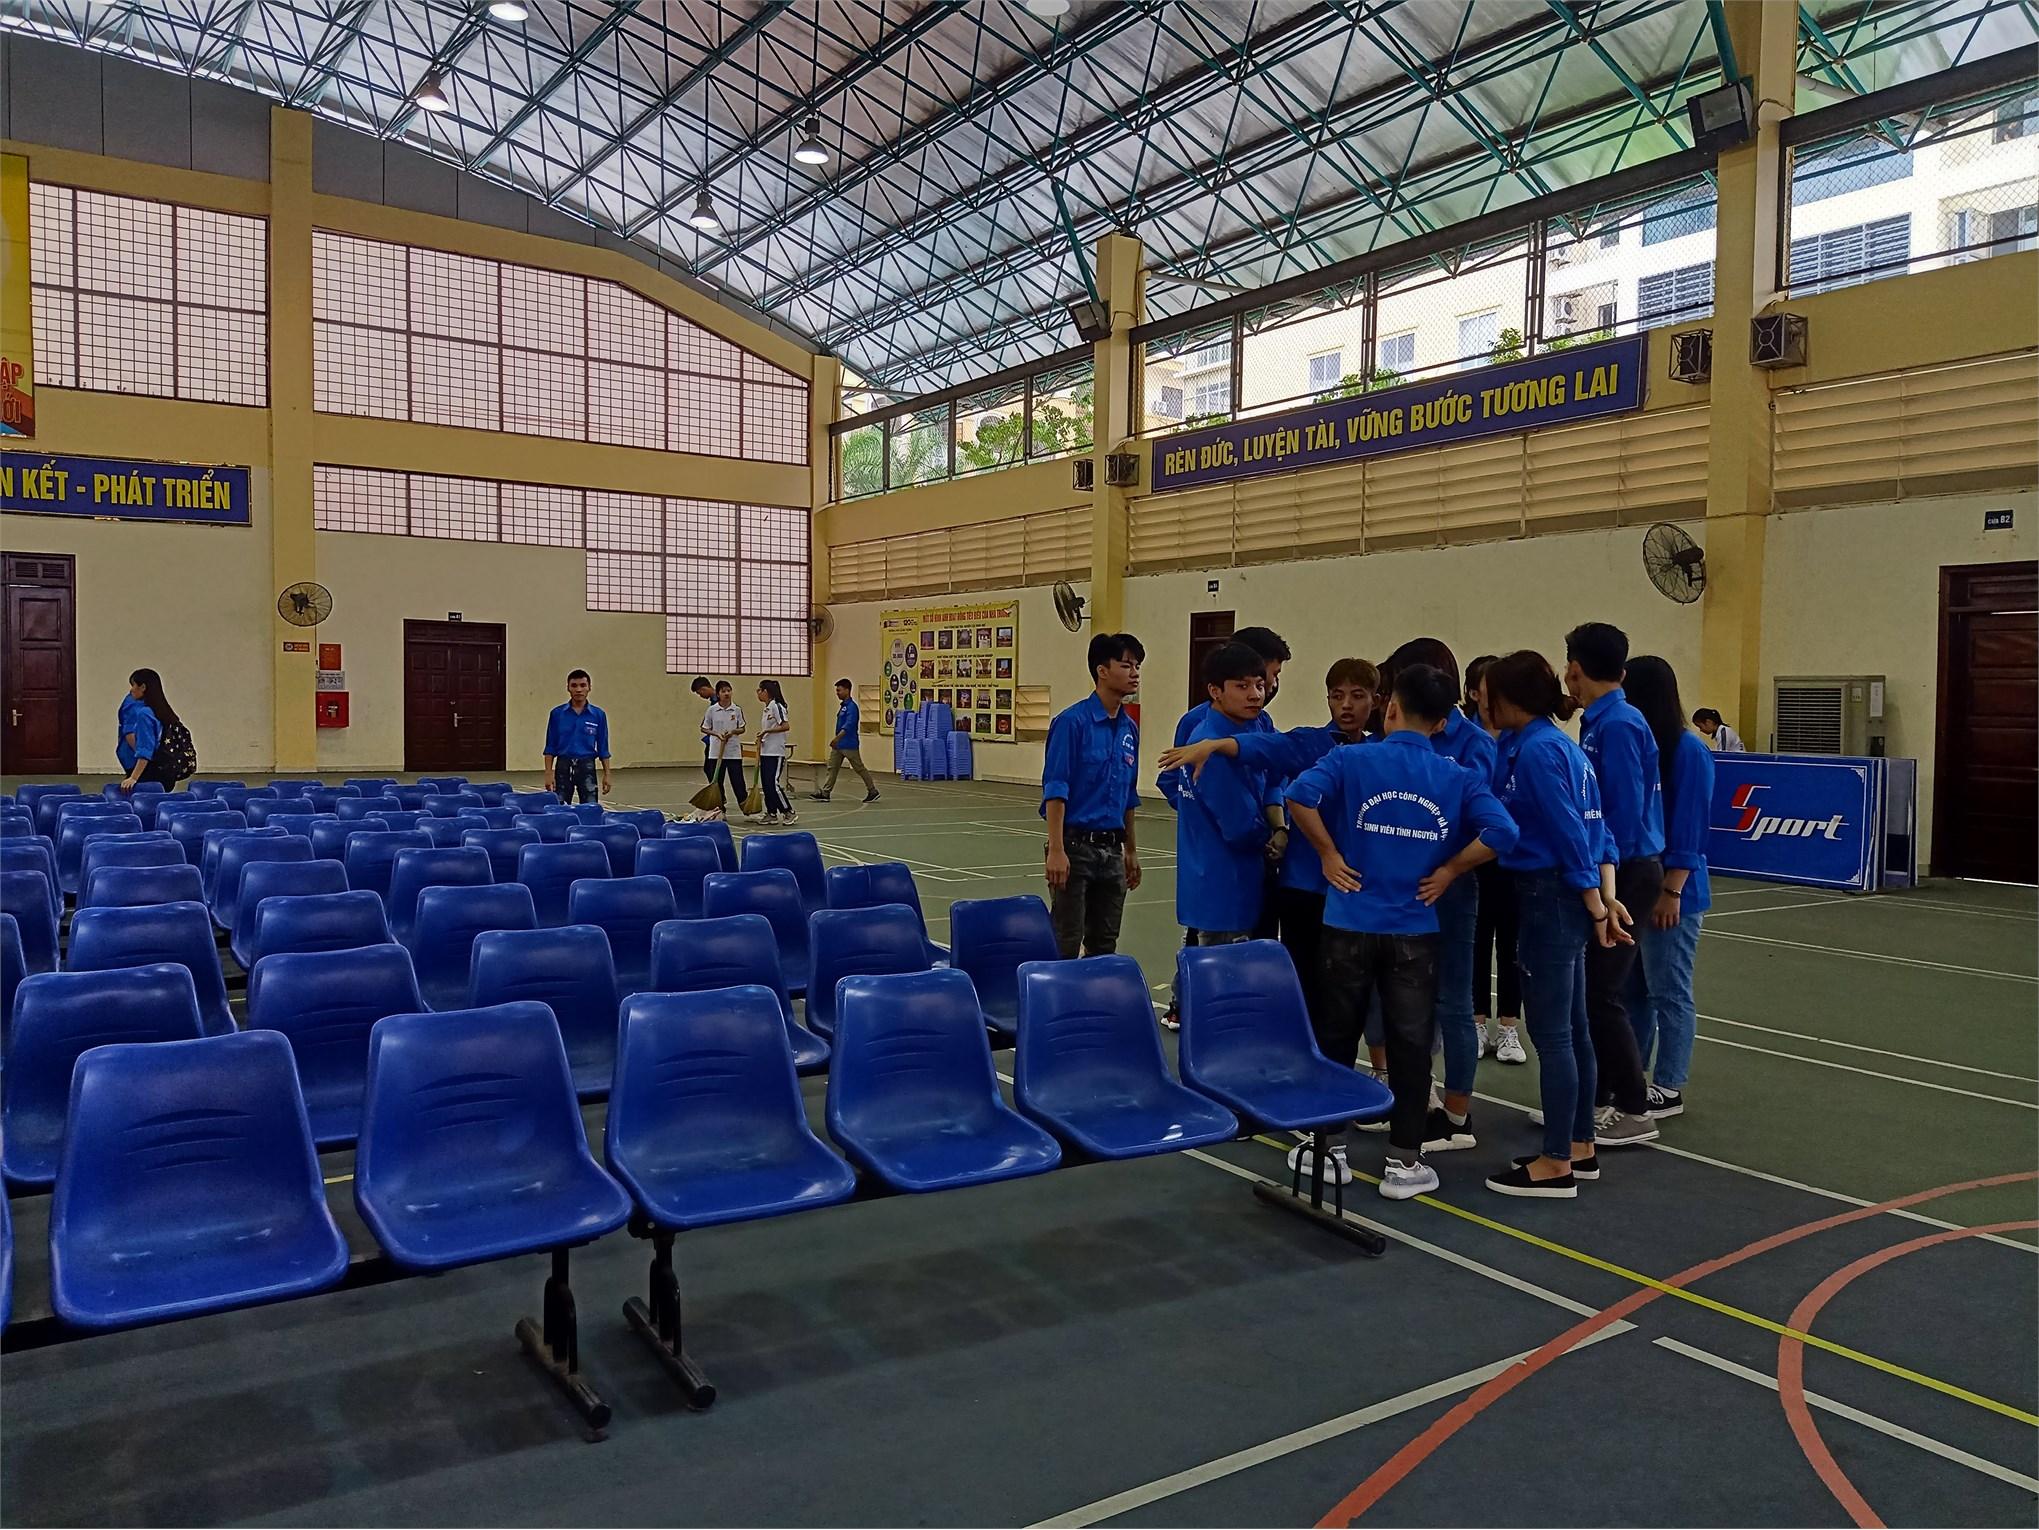 Sẵn sàng cho ngày hội nhập học năm 2019 của hệ cao đẳng K21